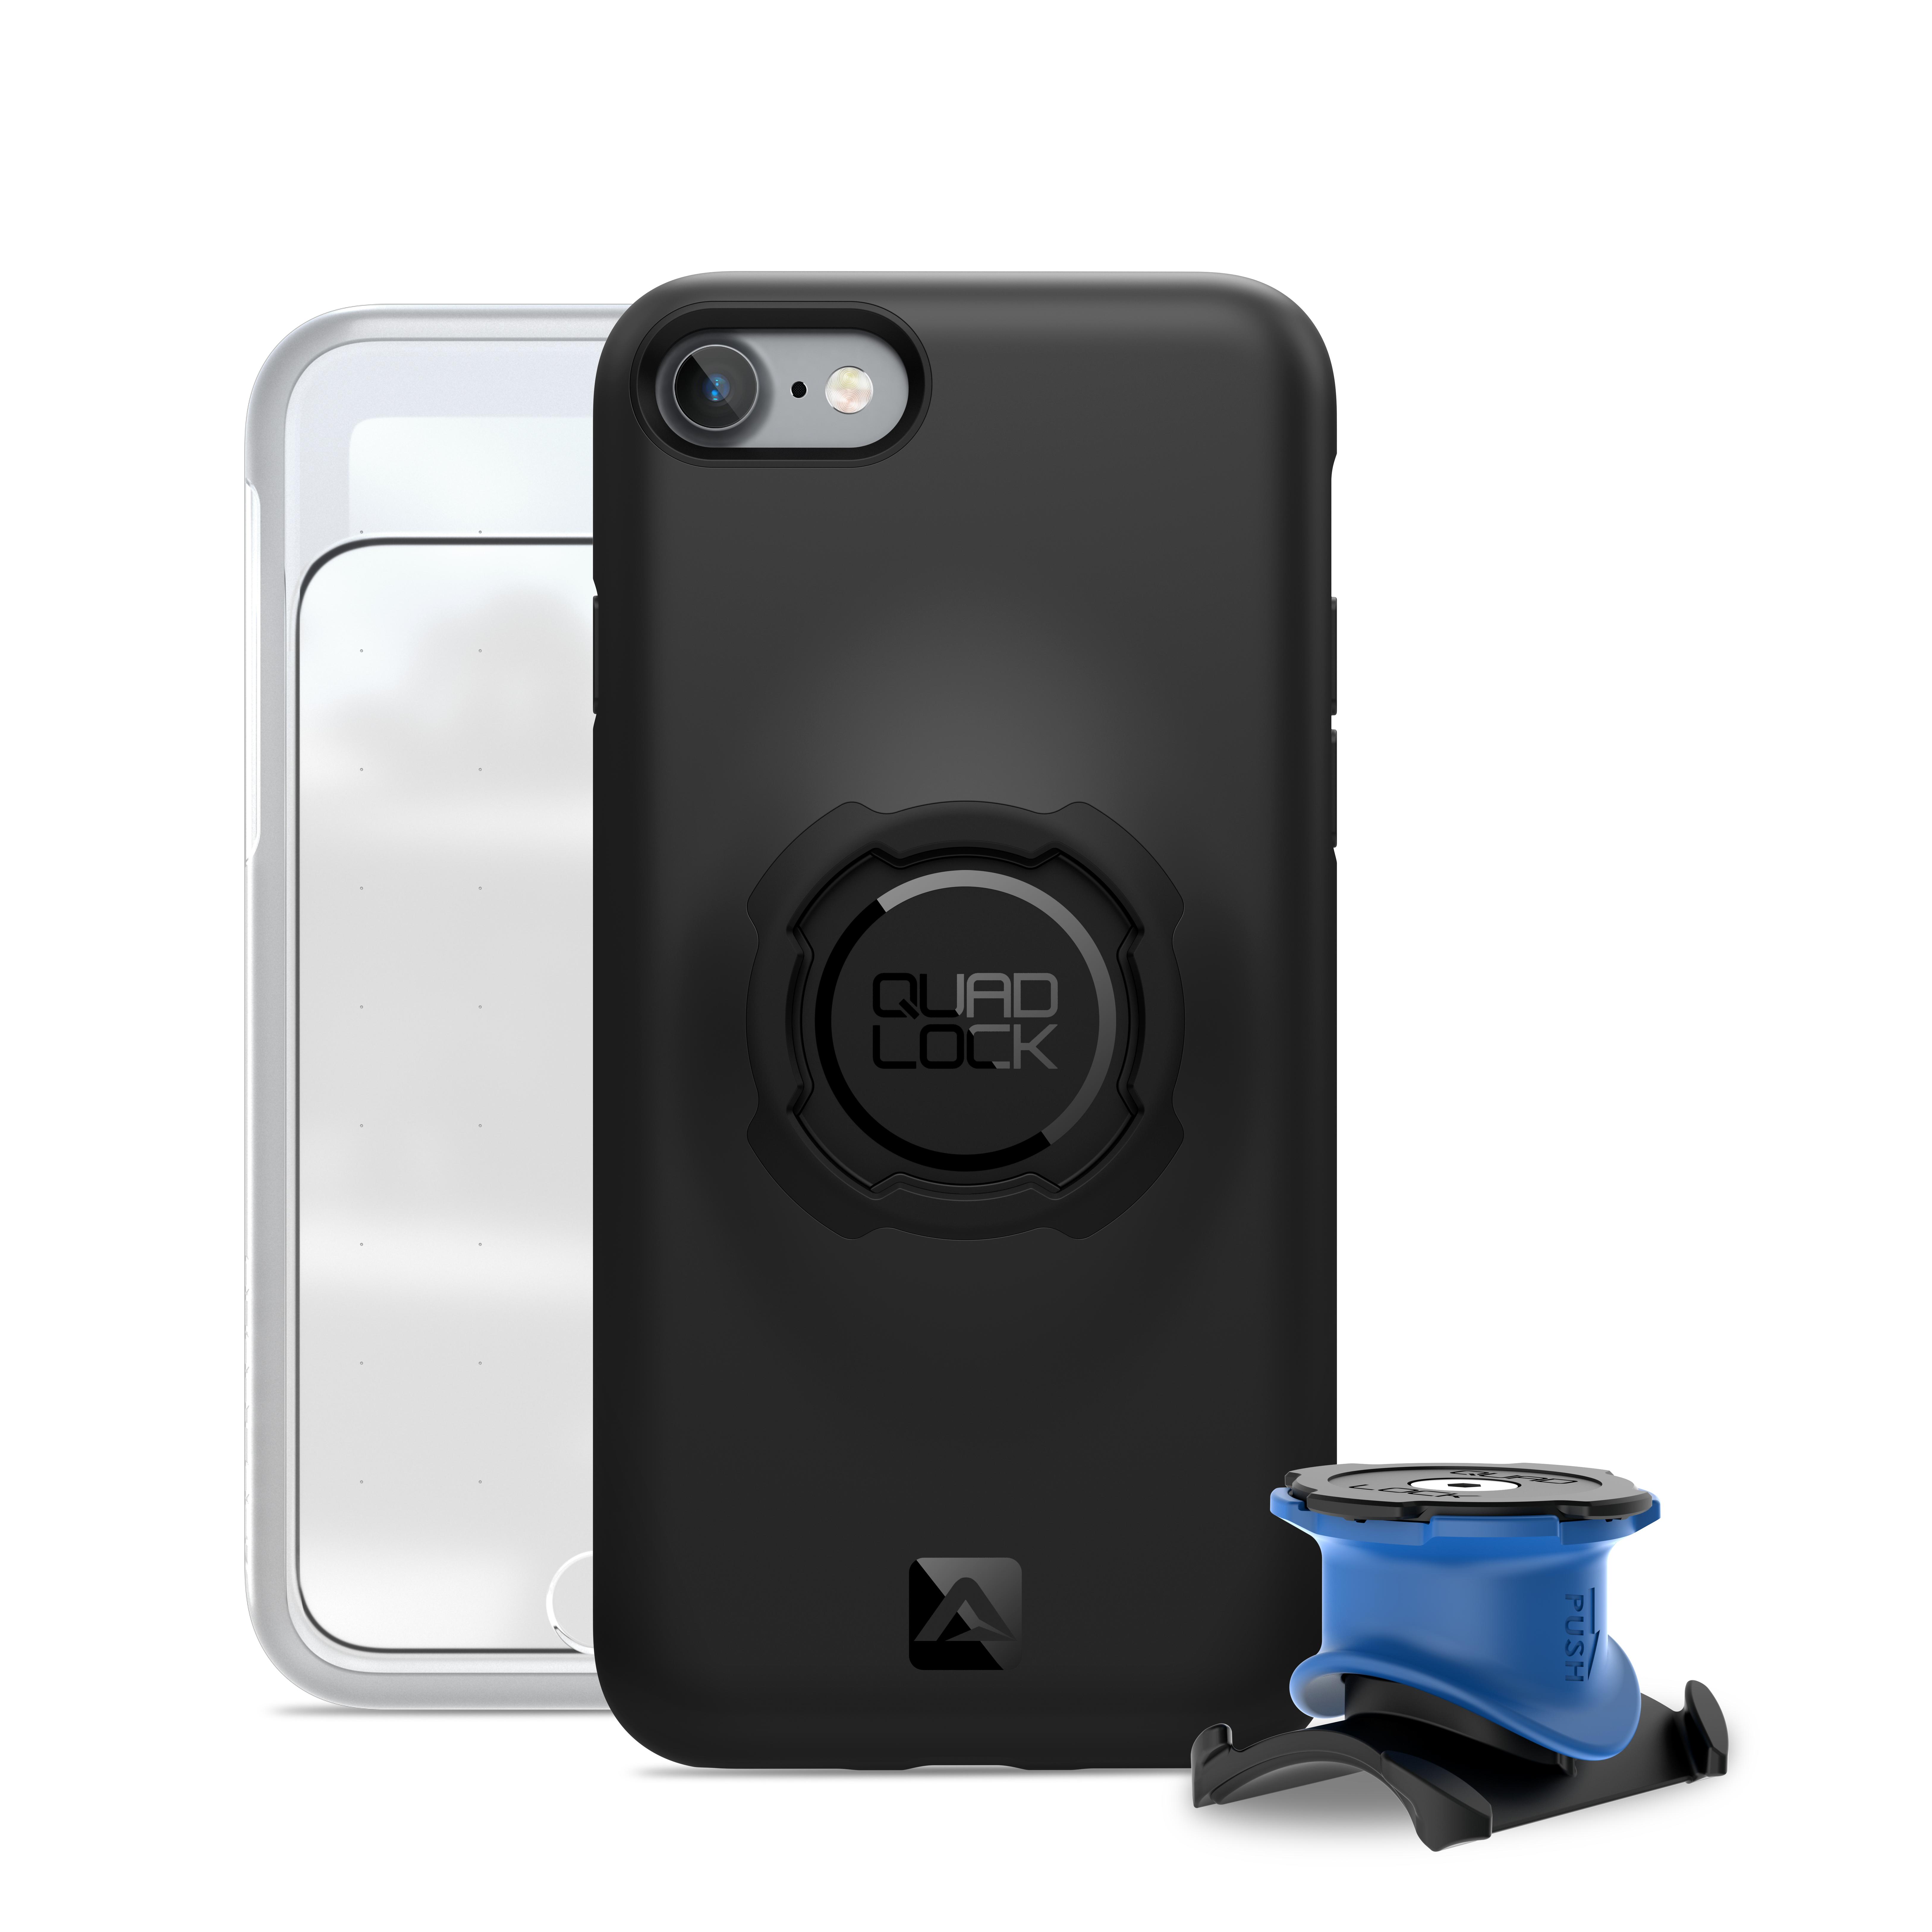 Quad Lock - Bike kit - Front og bagcover og beslag til styr/frempind - Til iPhone 7+ og 8+ | phone_mounts_component